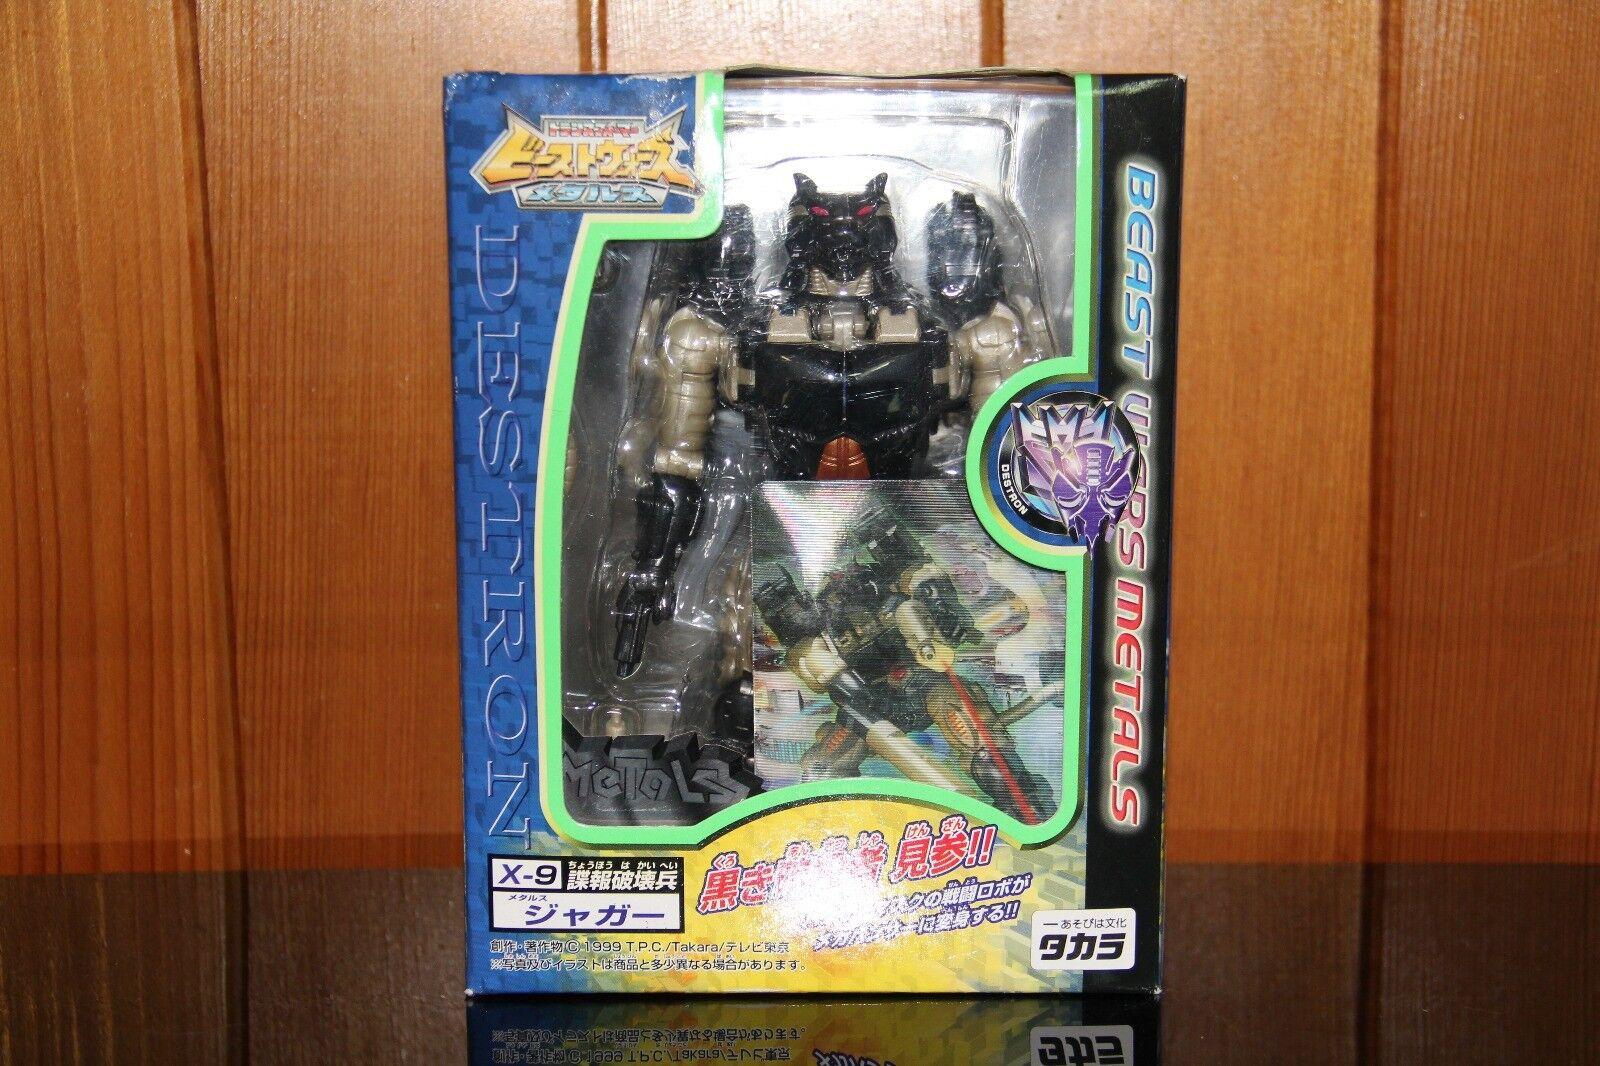 Transformers Takara Beast Wars Metals X-9 Ravage